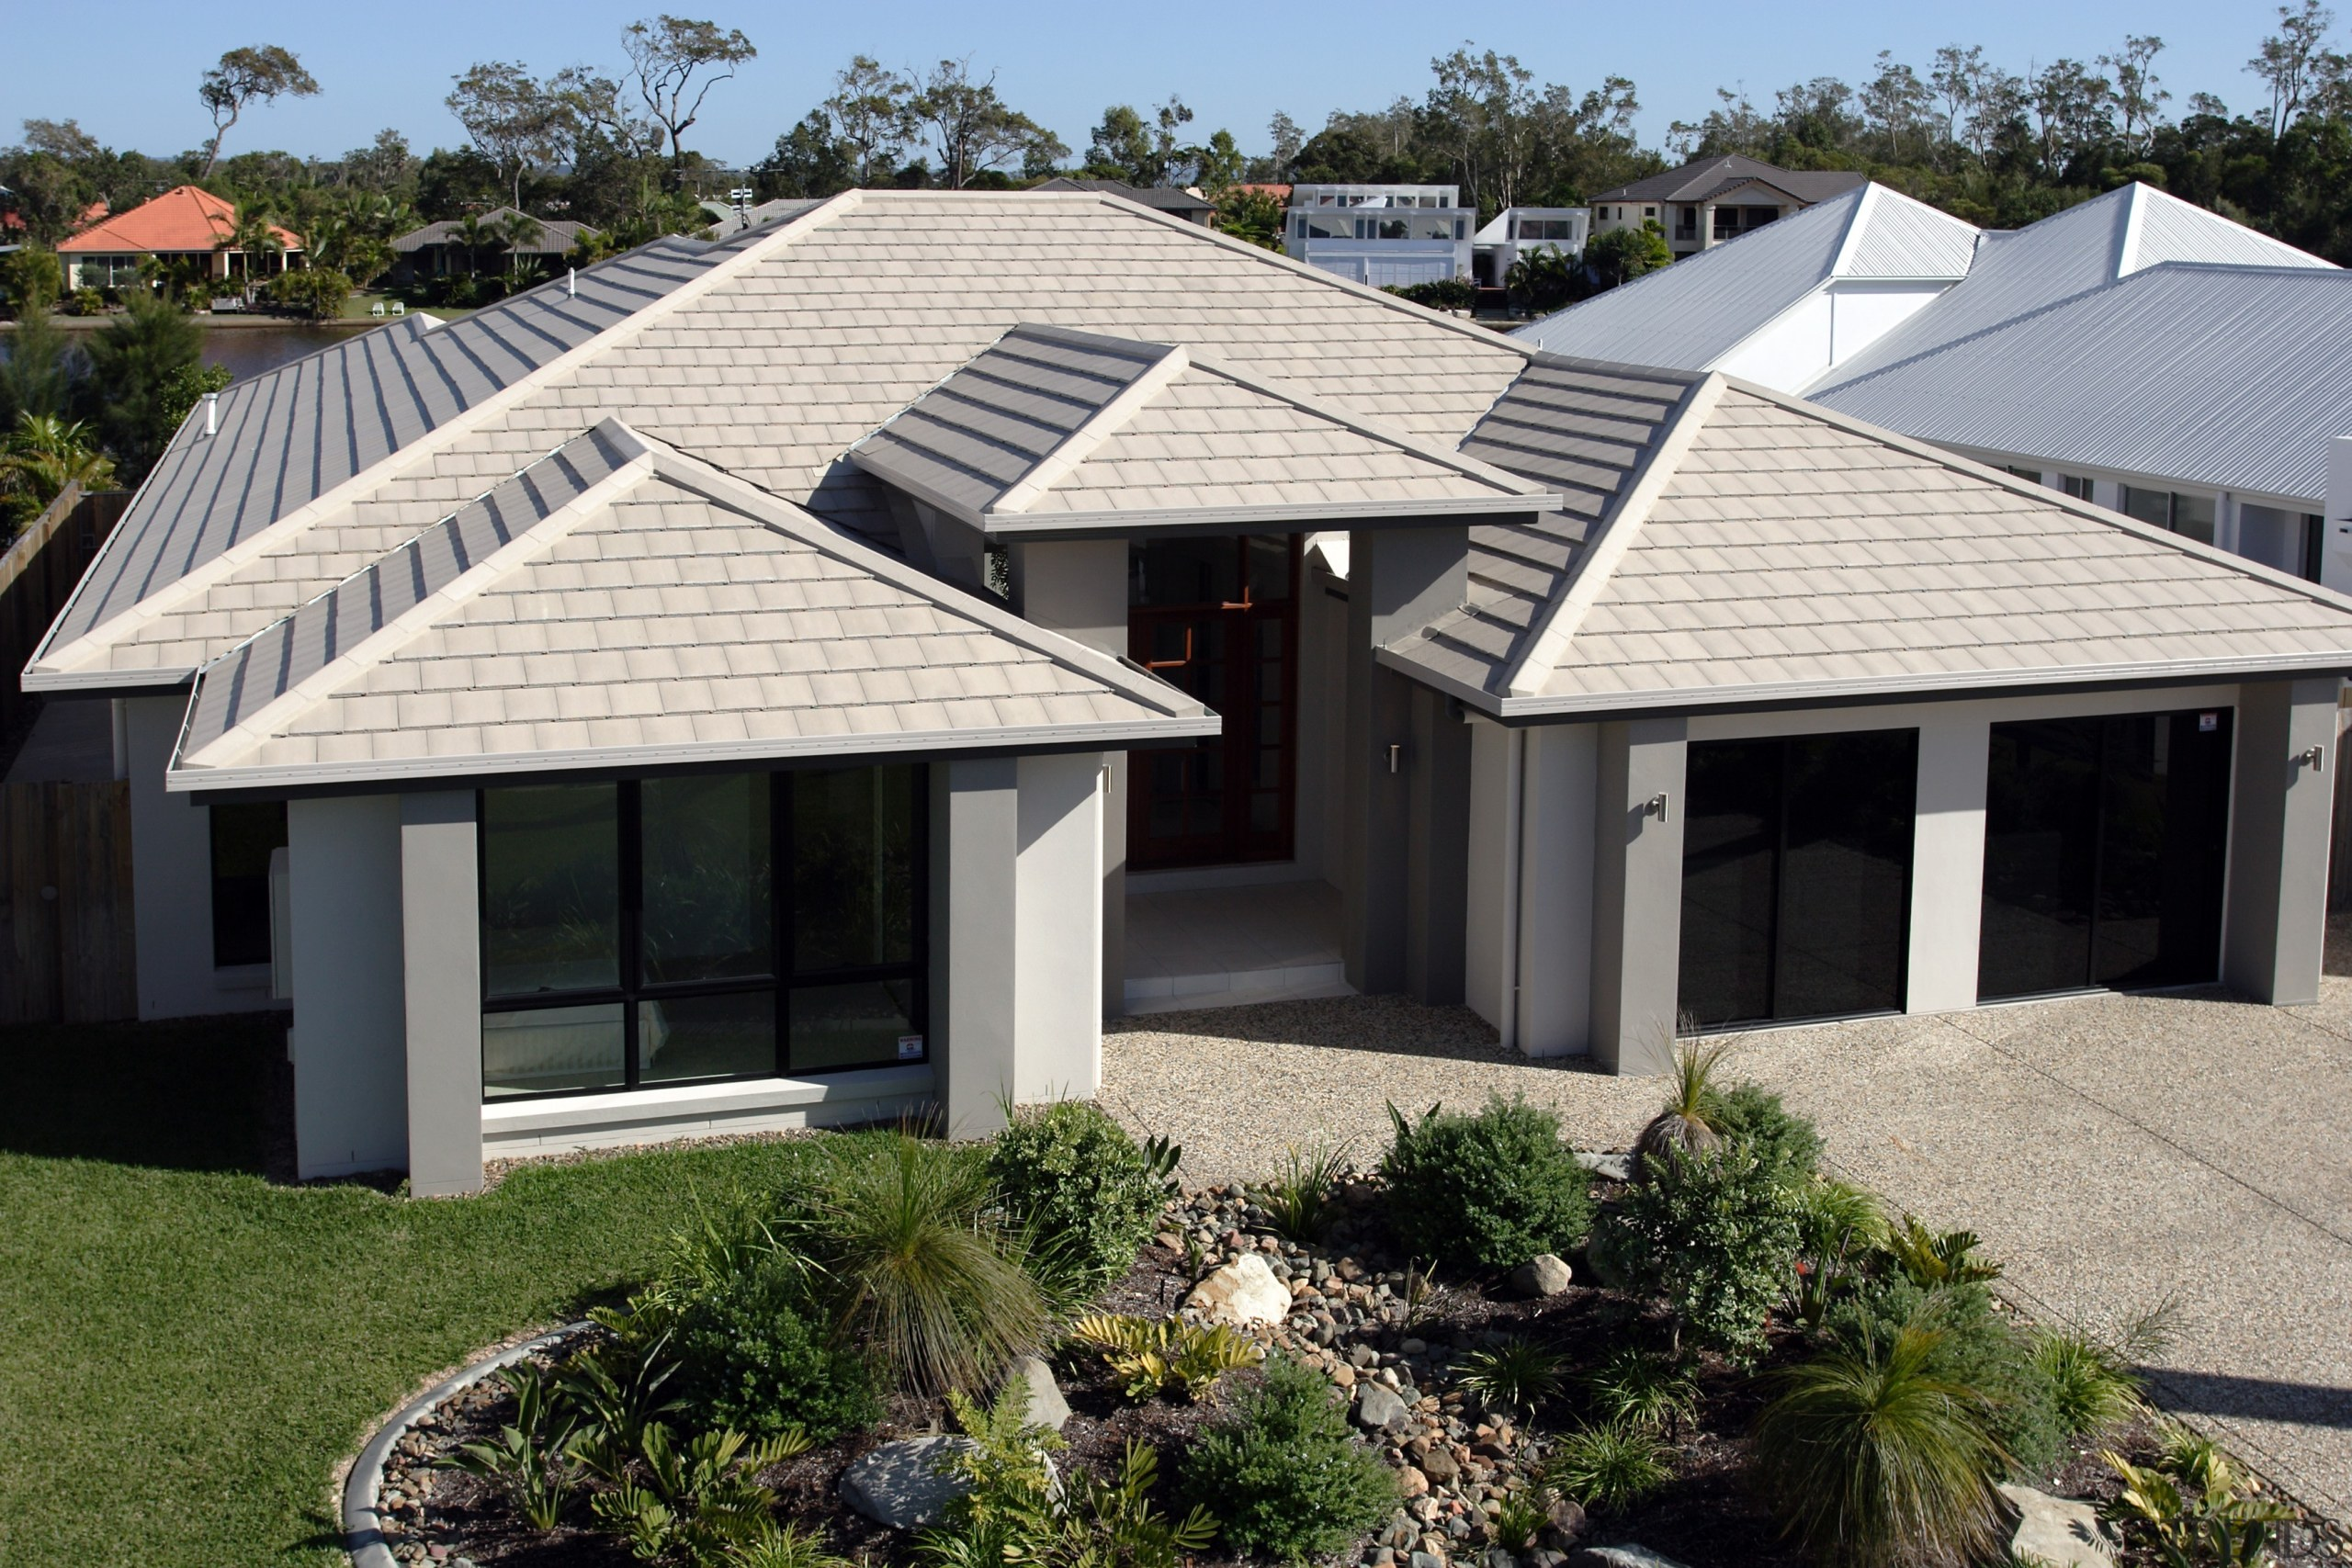 Monier Concrete Tiles - Horizon - Monier Concrete cottage, elevation, estate, facade, home, house, outdoor structure, property, real estate, roof, siding, window, black